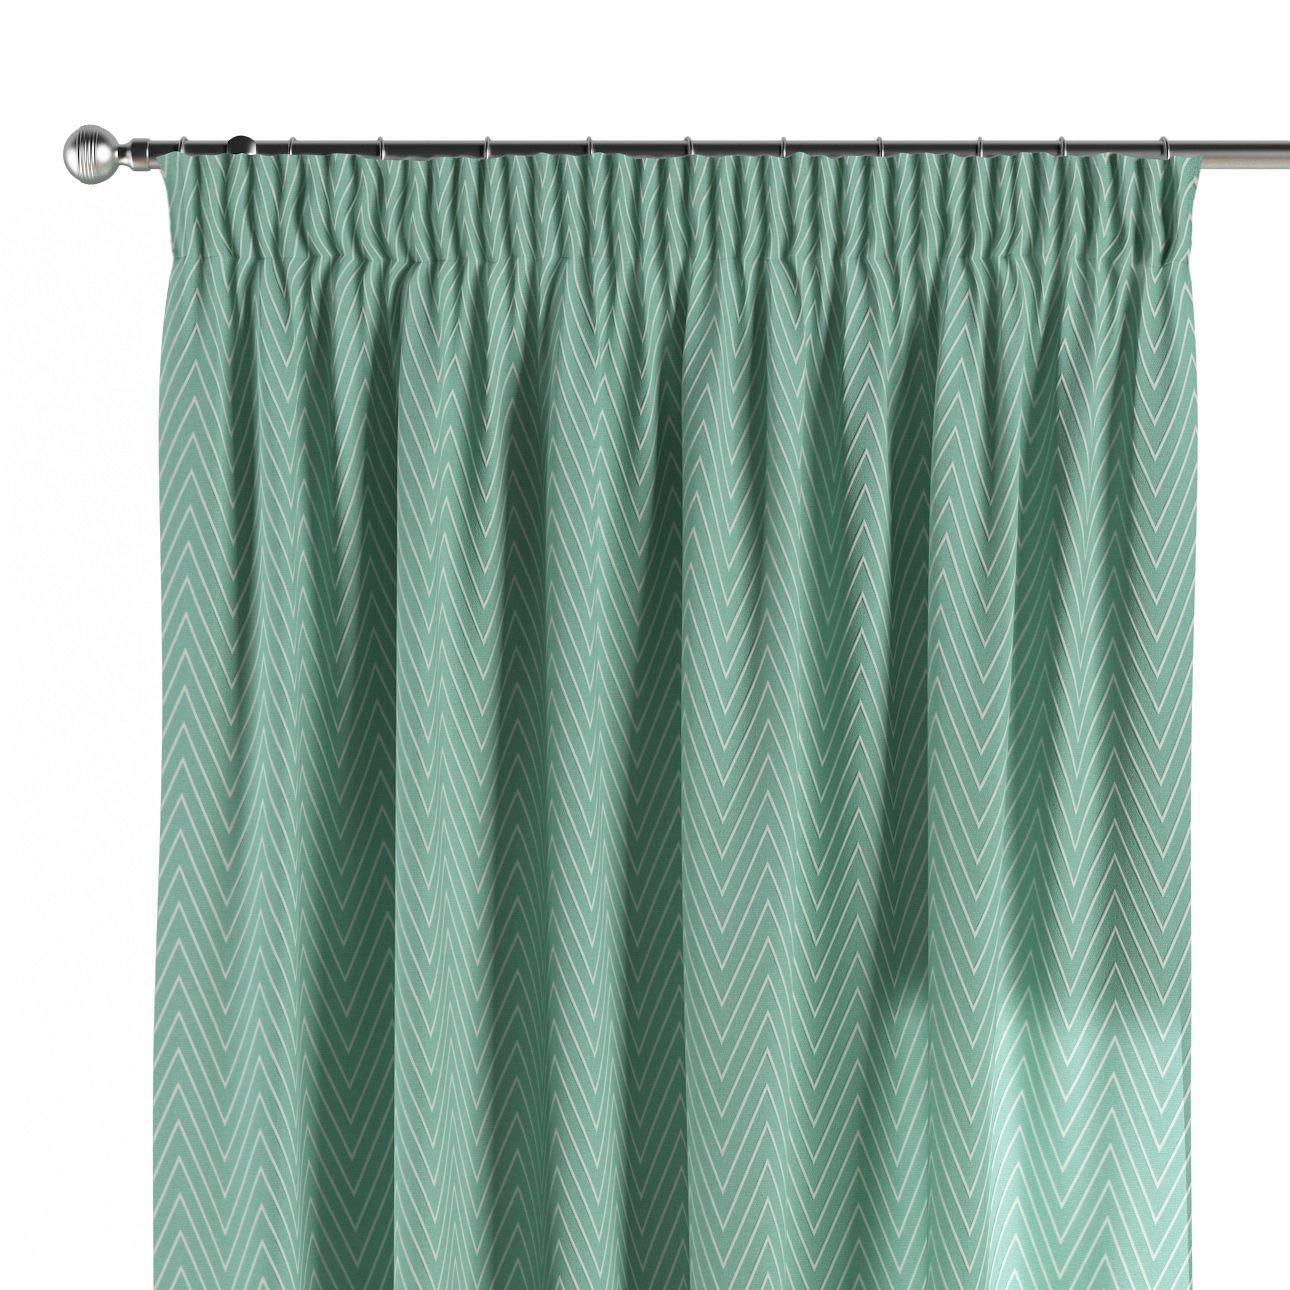 Dekoria Vorhang mit Kräuselband Dekoschal Blickdicht 1 Stck. 130 × 260 cm grün Maßanfertigung möglich